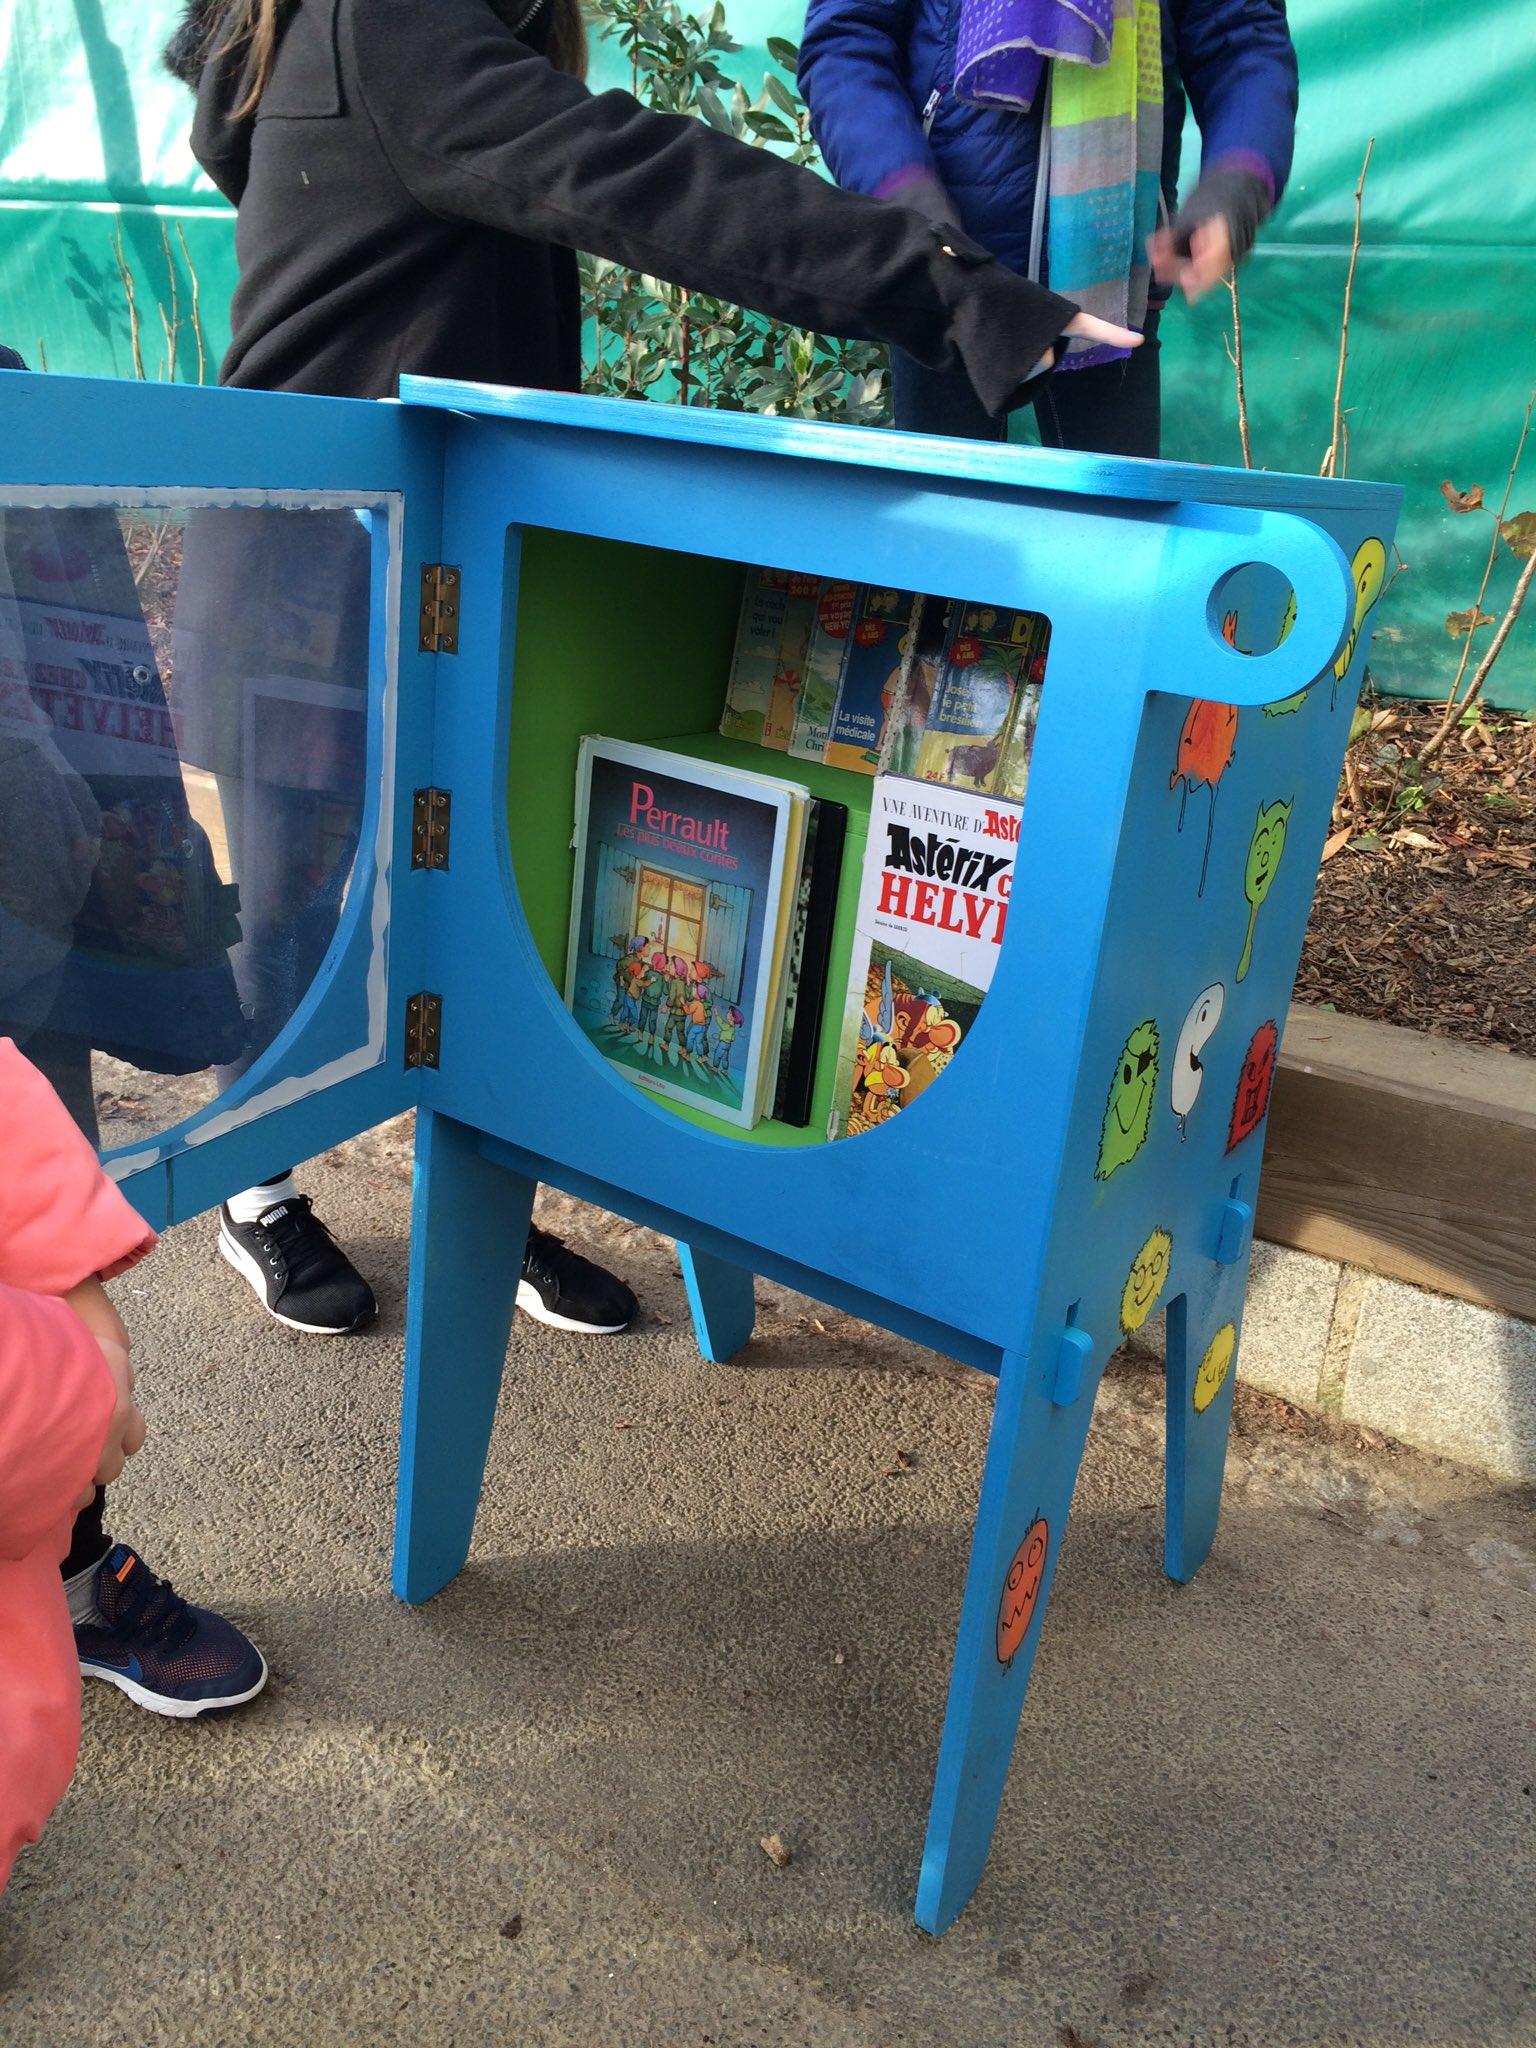 """Installation ce matin du 1er """"Monstrolivre"""" à l'école Clemenceau #Rennes. Des livres en libre service... Beau succès. Merci aux équipes https://t.co/8nrftys7eE"""